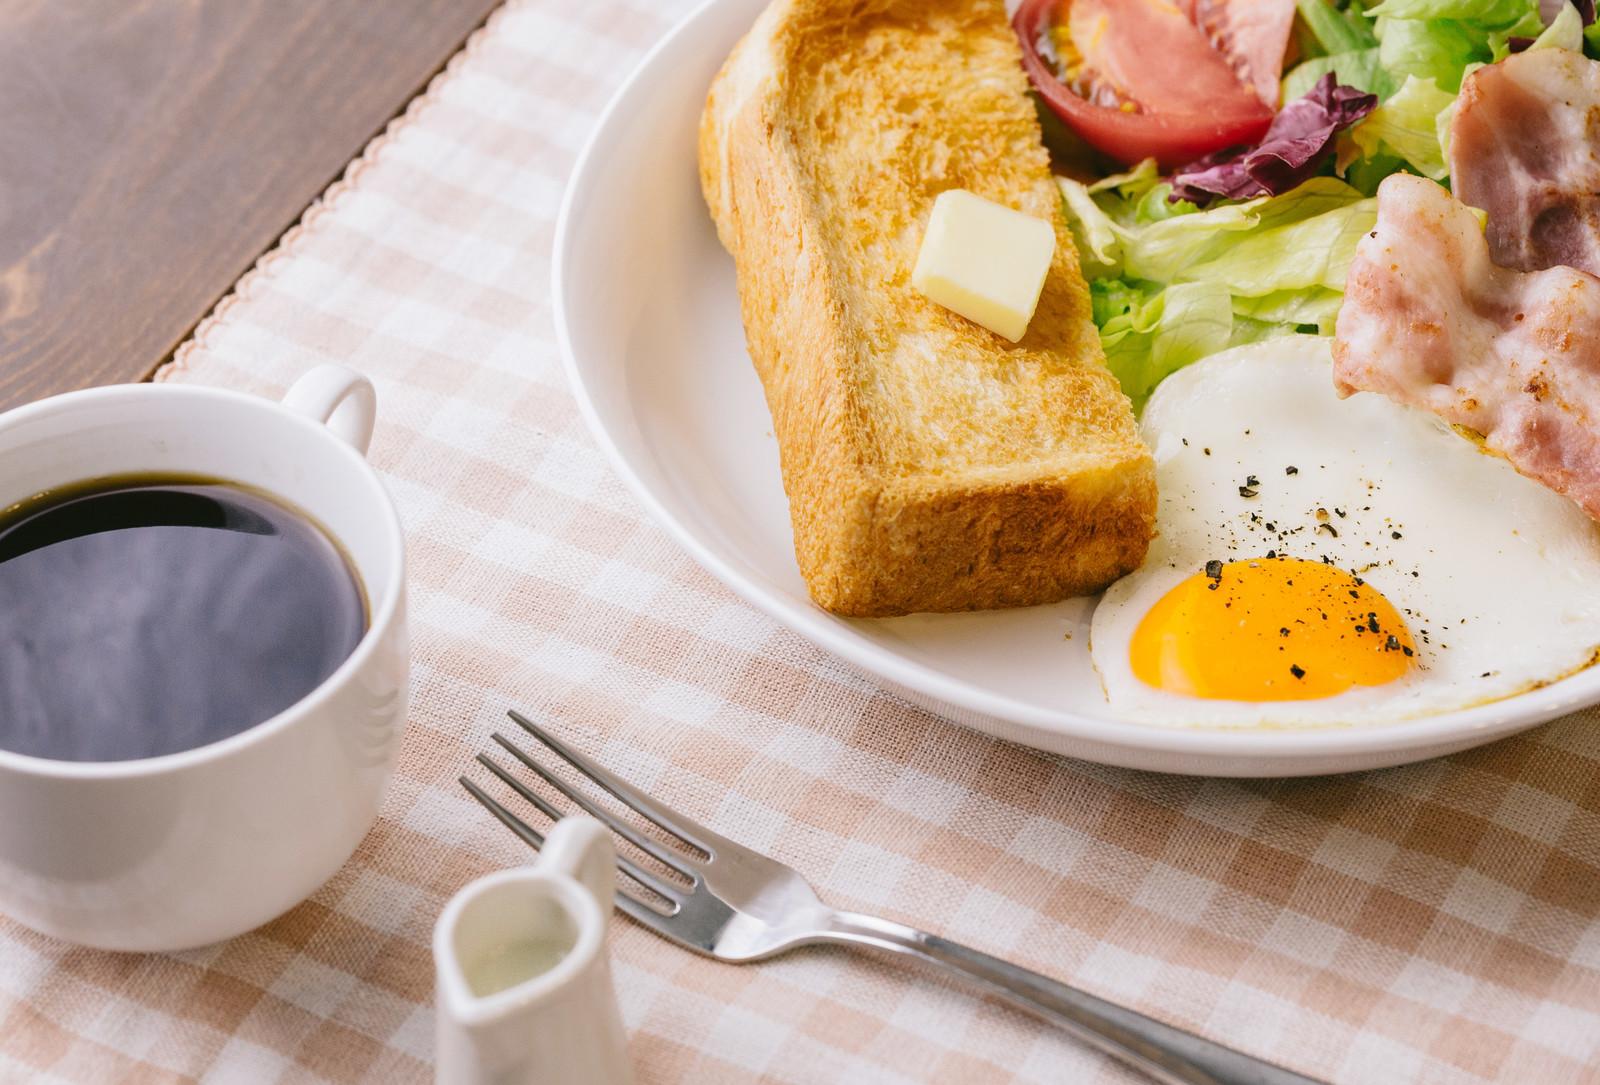 秋葉原でモーニングならココ!おすすめの人気店やおしゃれなカフェを紹介!